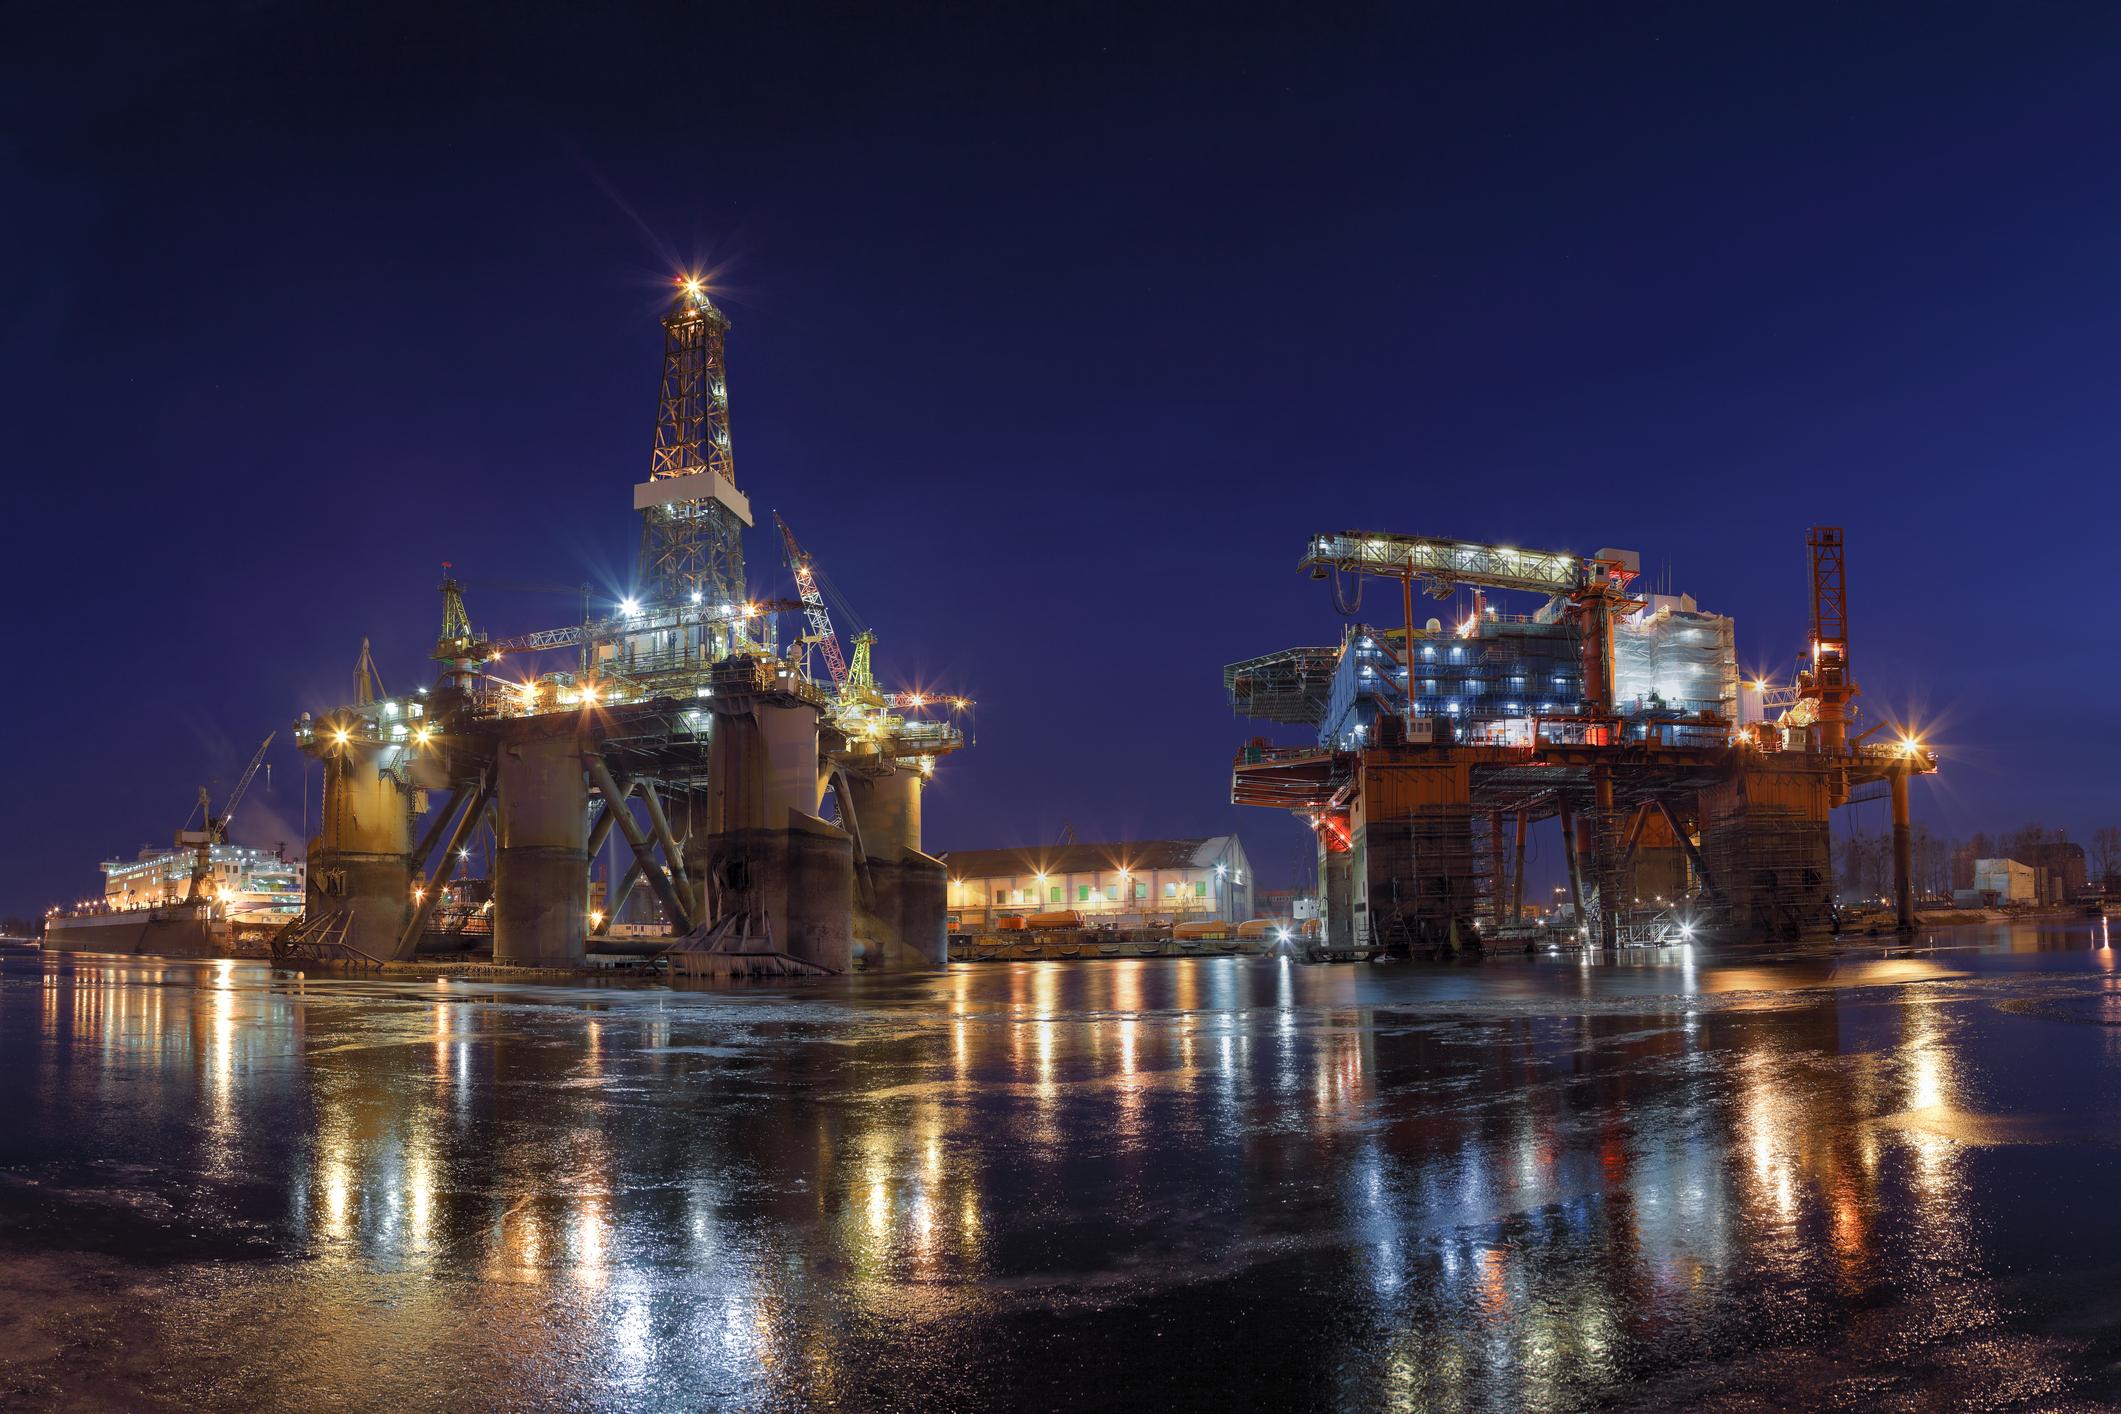 Offshore oil rigs in dockyard